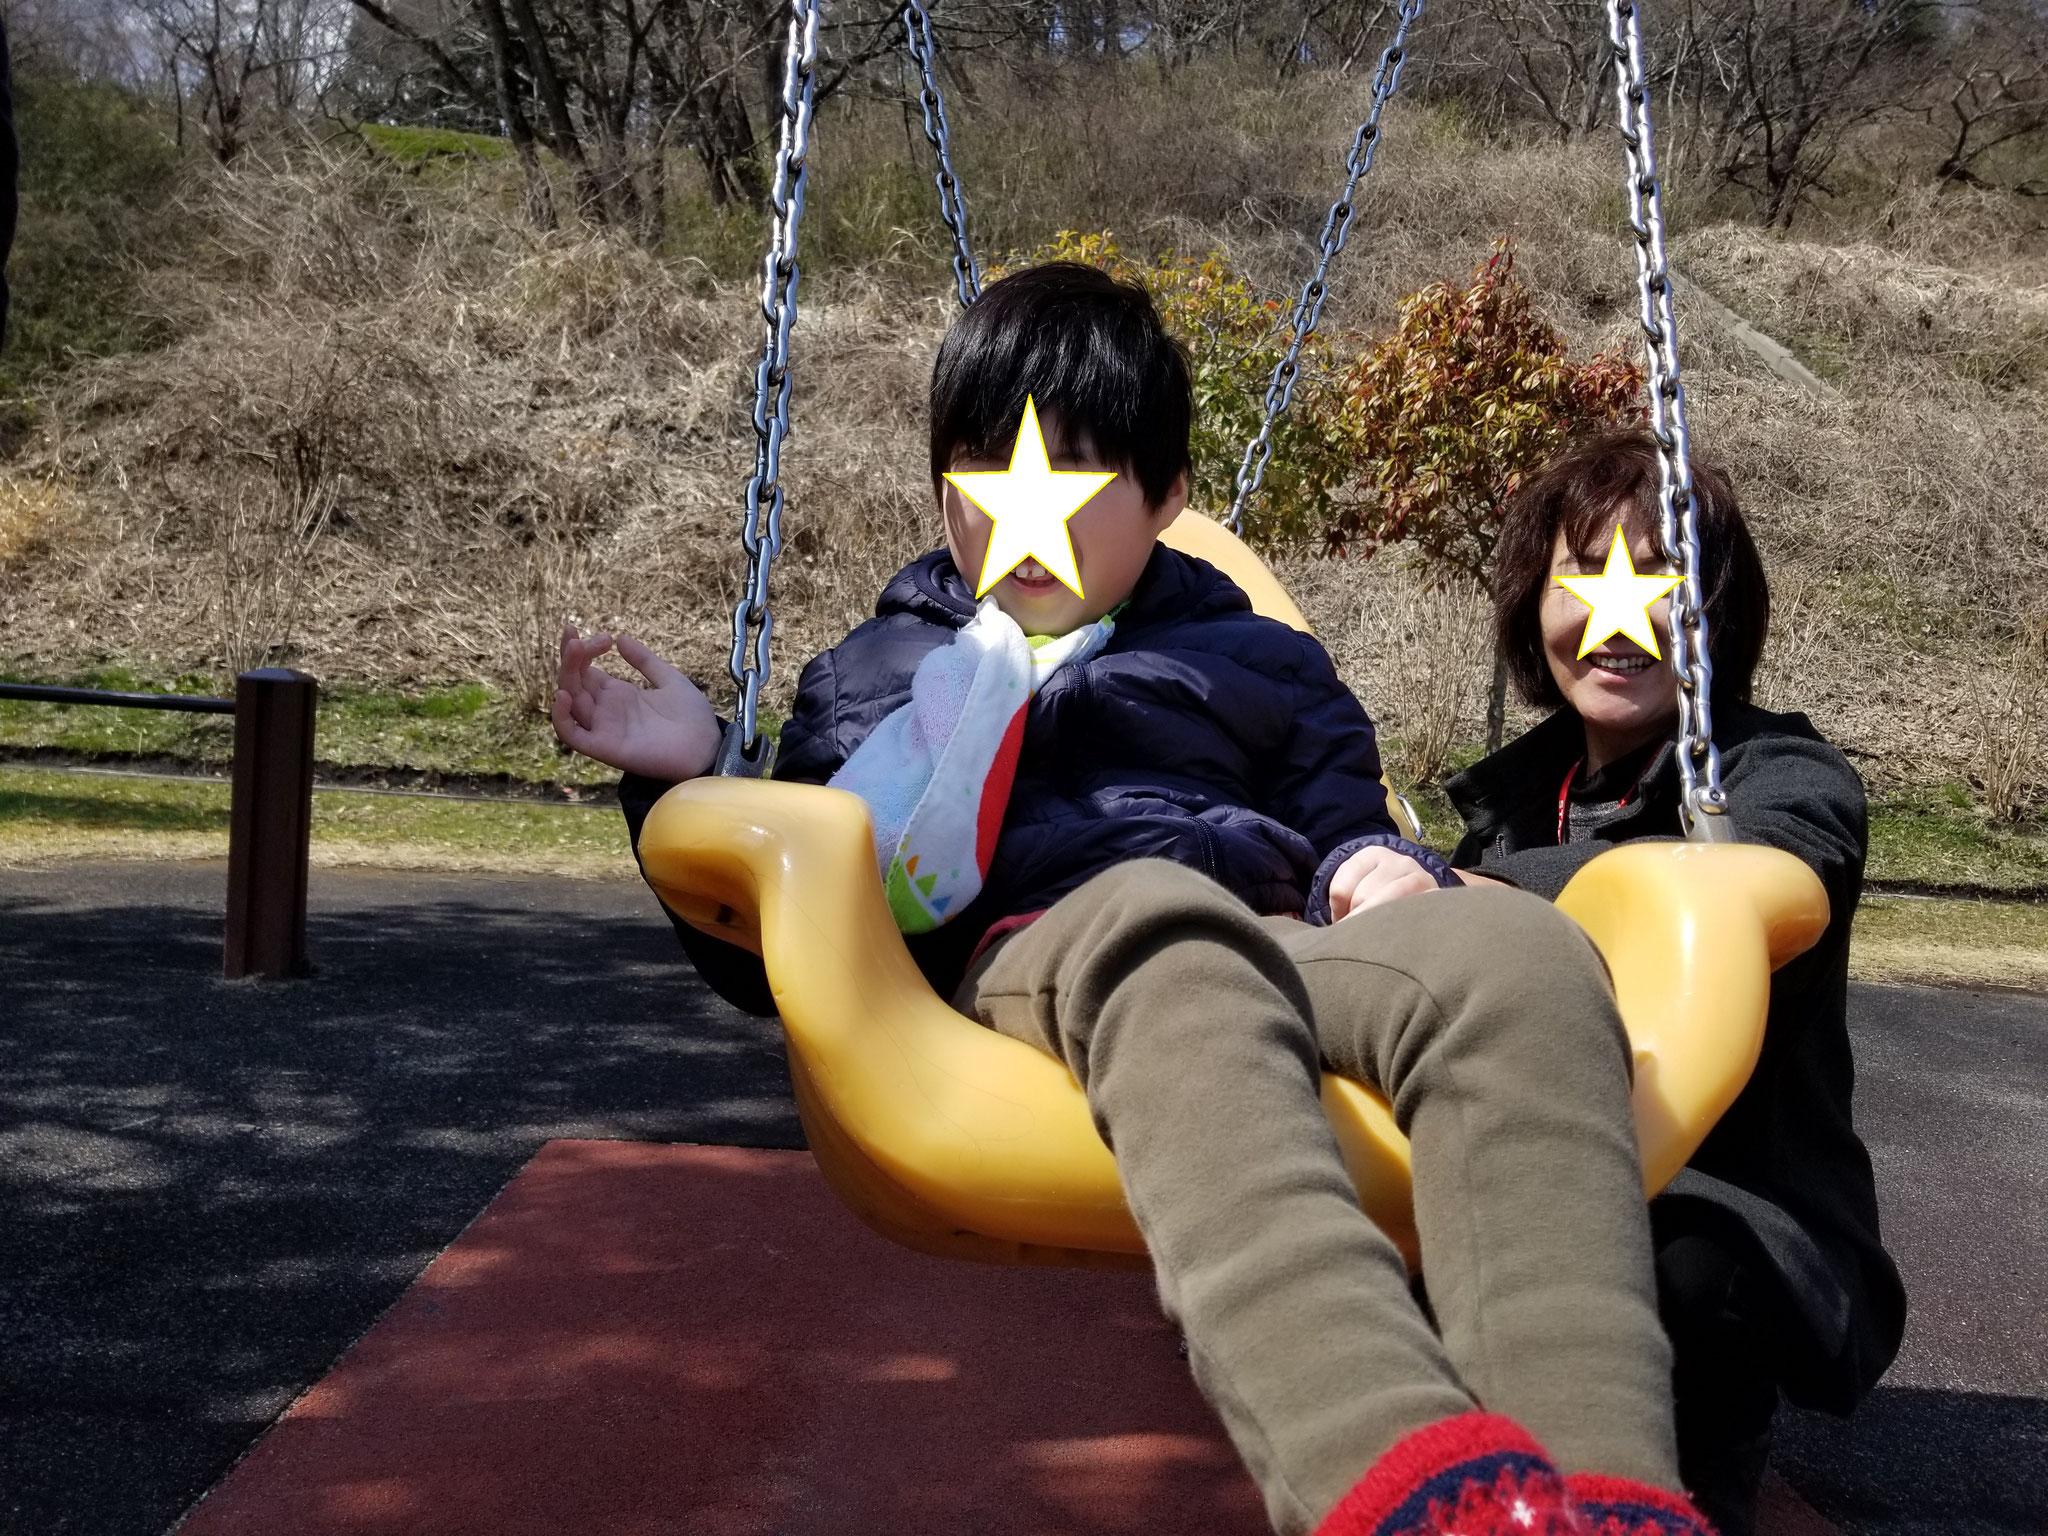 グランディ公園「とっぽんと座れるブランコ」